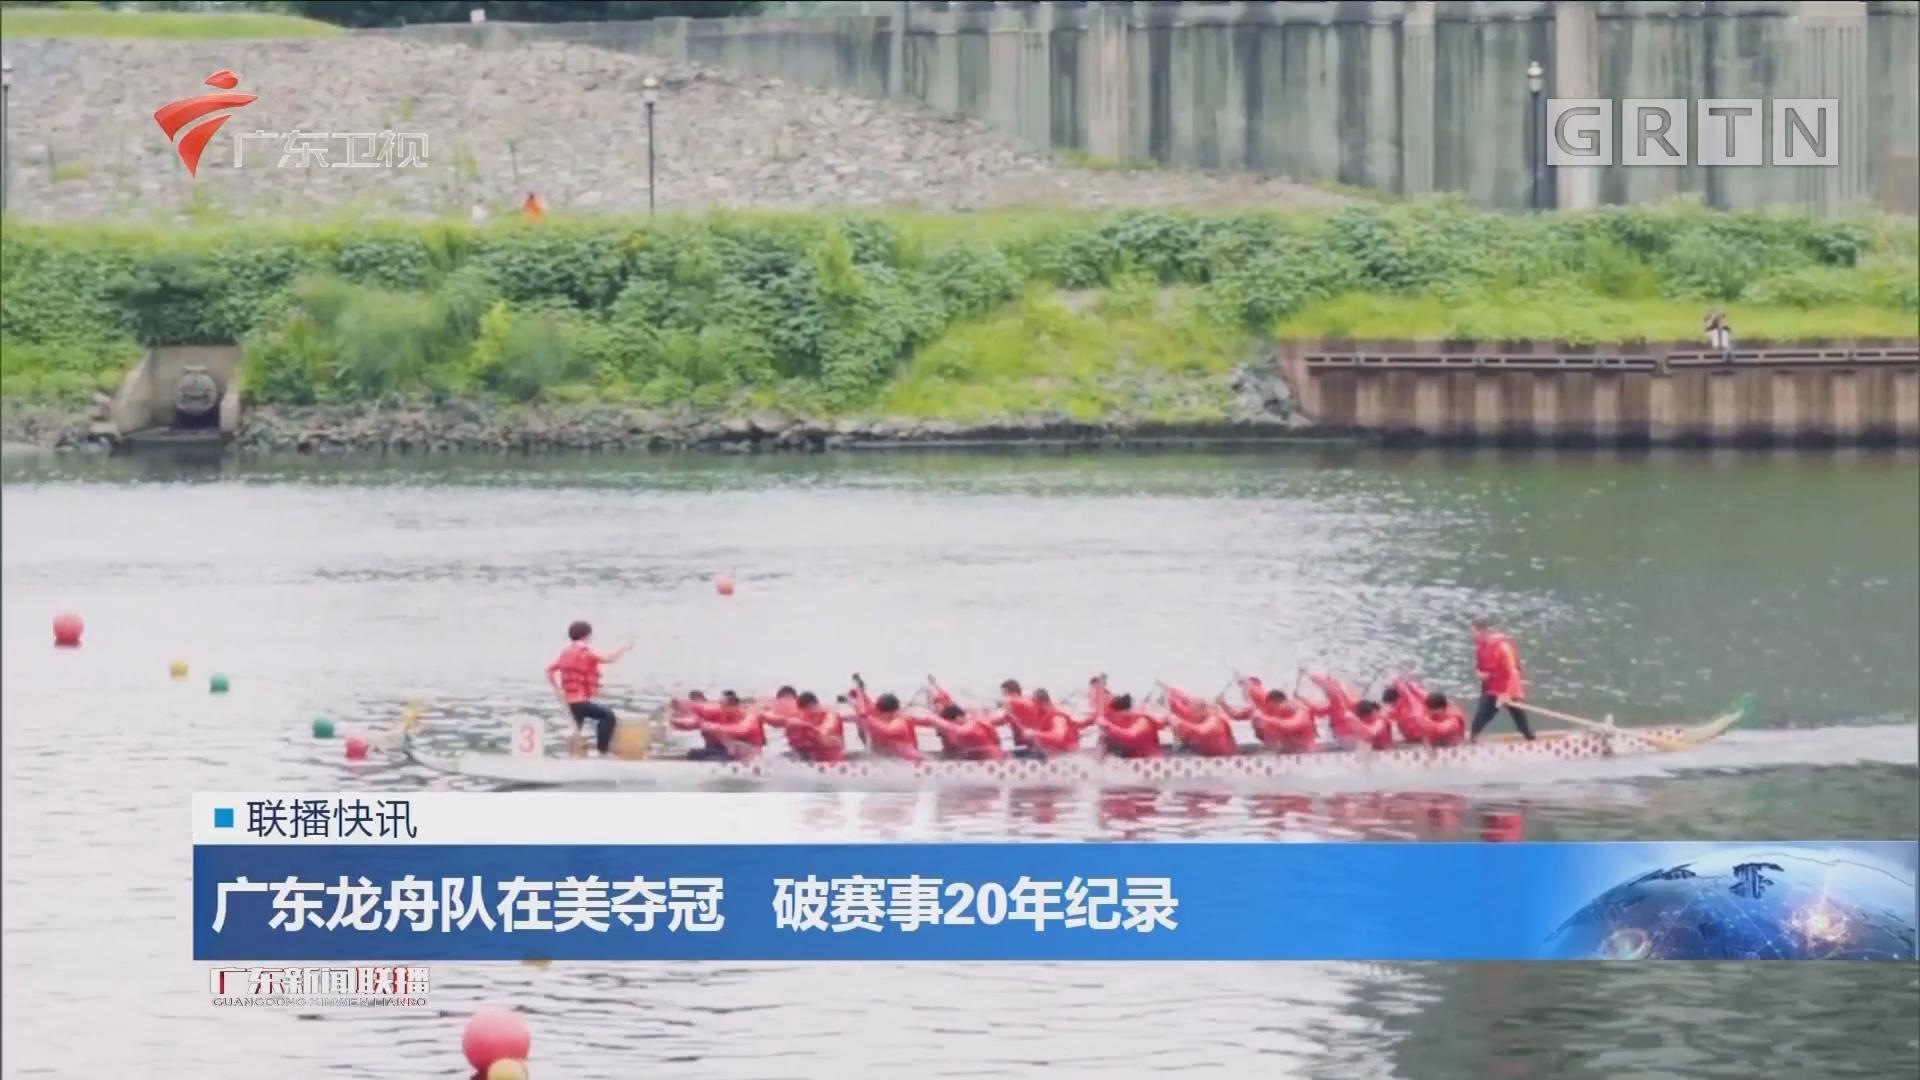 广东龙舟队在美夺冠 破赛事20年纪录